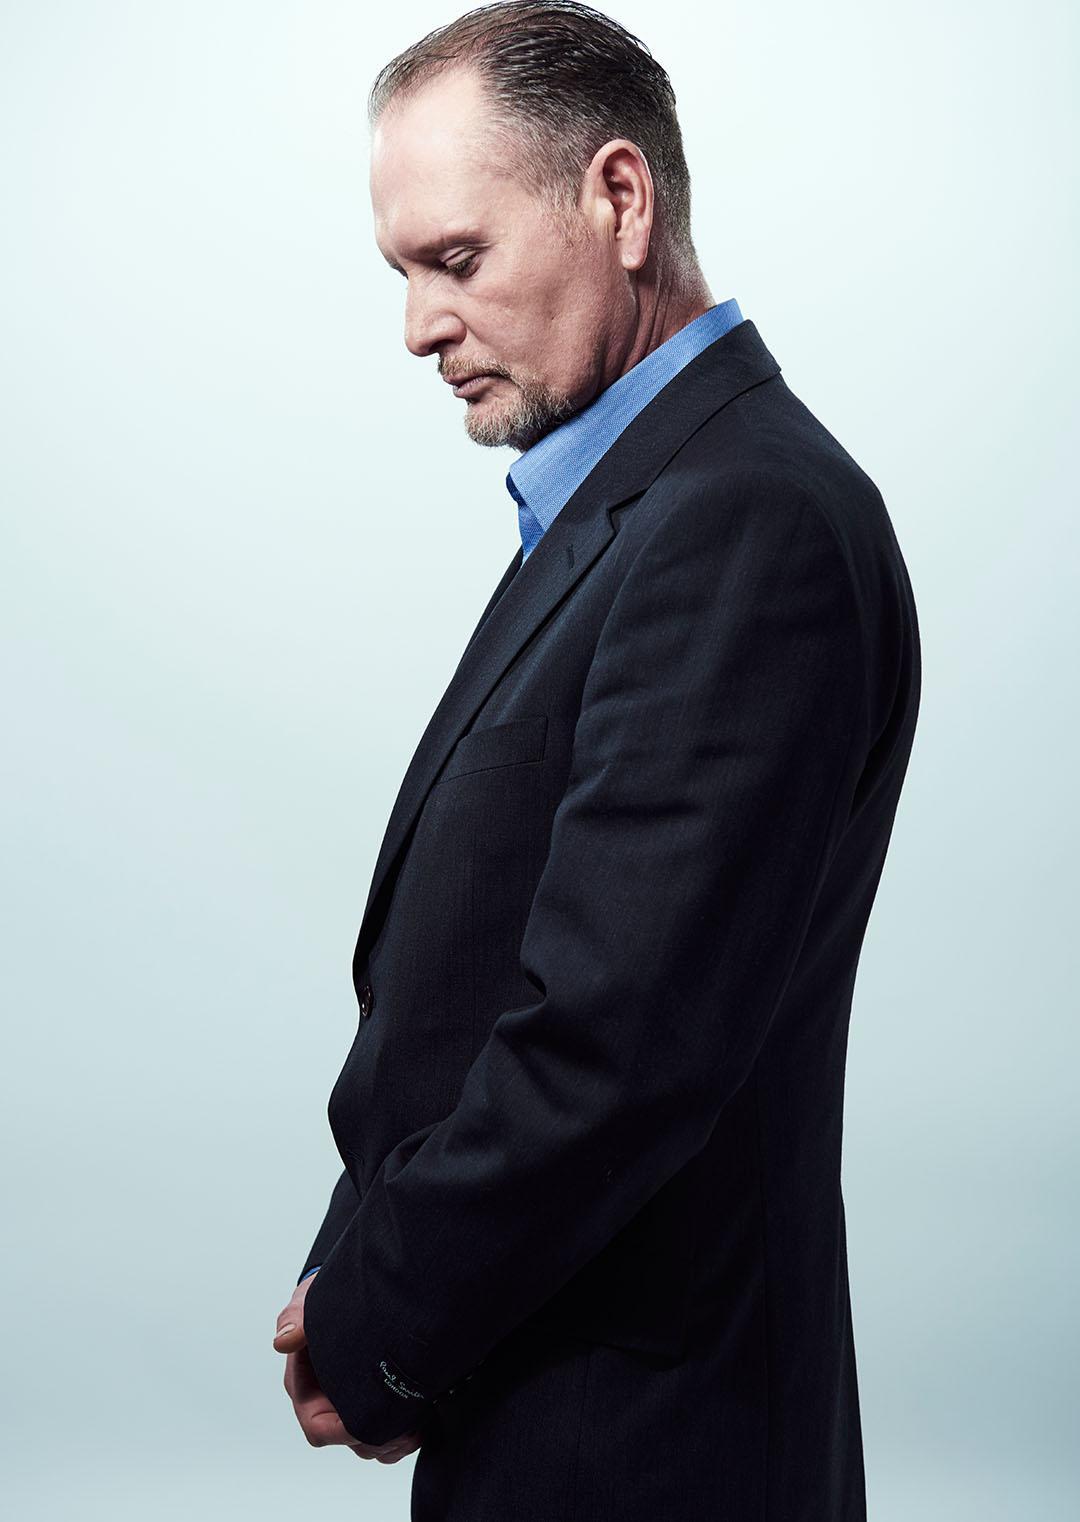 保罗·加斯科因